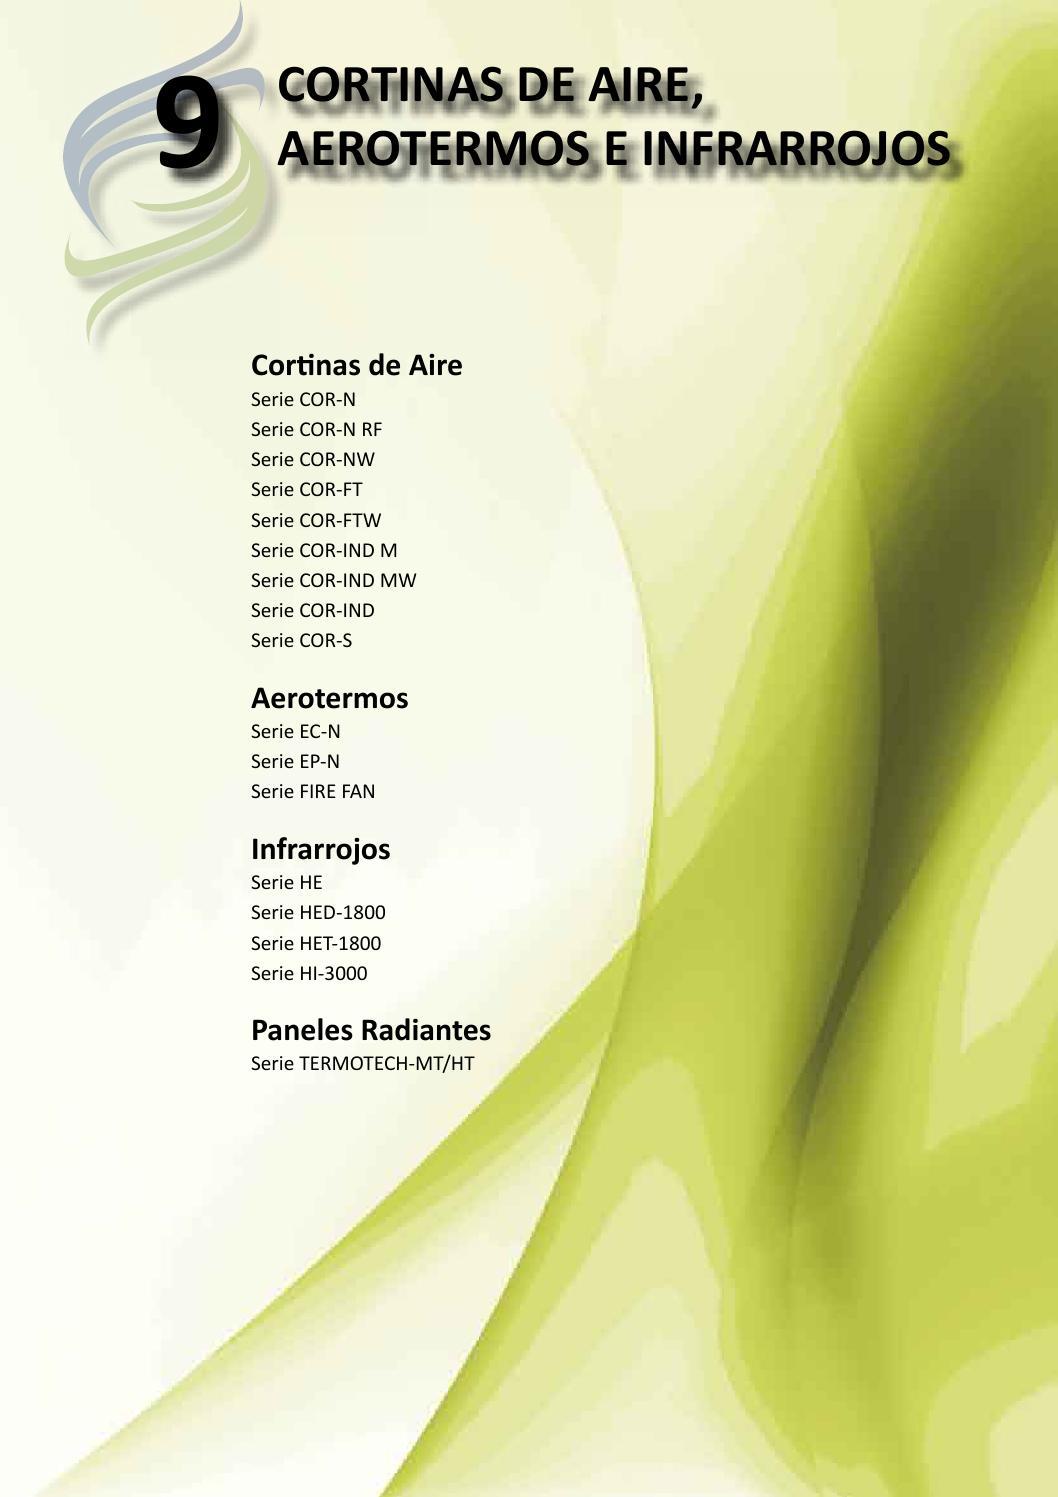 Tarifa fanair 2015 ventilaci n cortinas de aire aerotermos e infrarrojos by fanair s l issuu - Cortinas de aire caliente ...